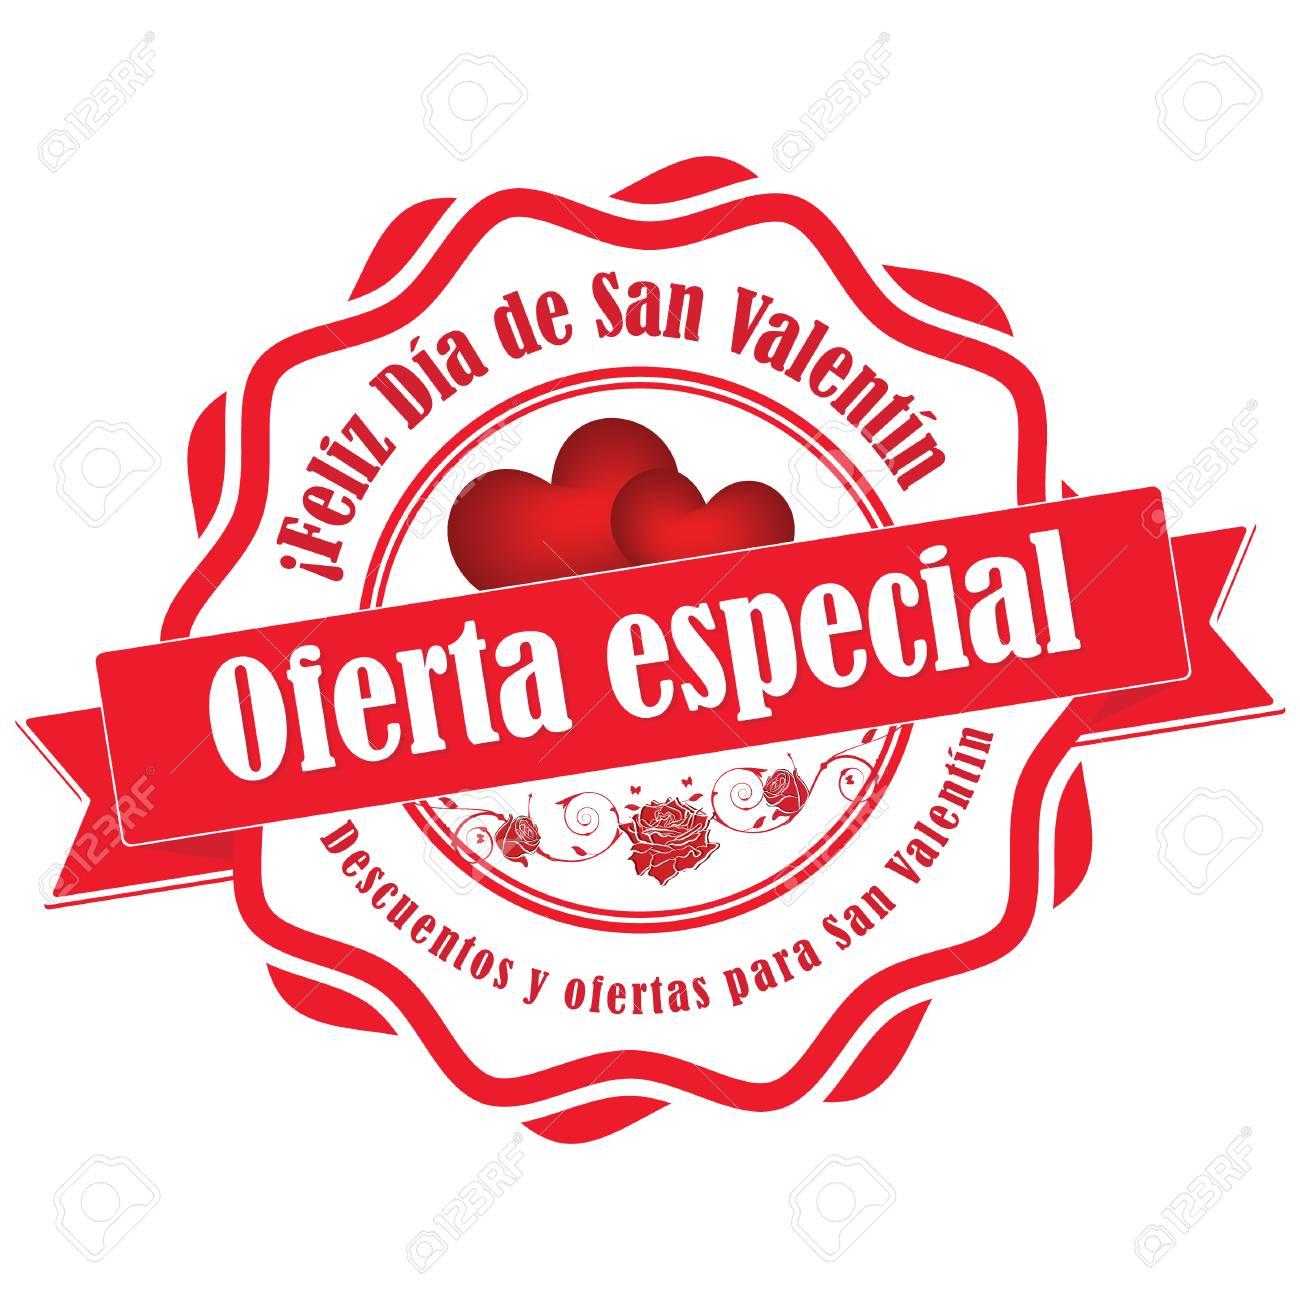 Oferta especial para el día de San Valentín. Descuentos y ofertas para el día de San Valentín. Español: Oferta especial, Feliz día de San Valentín,